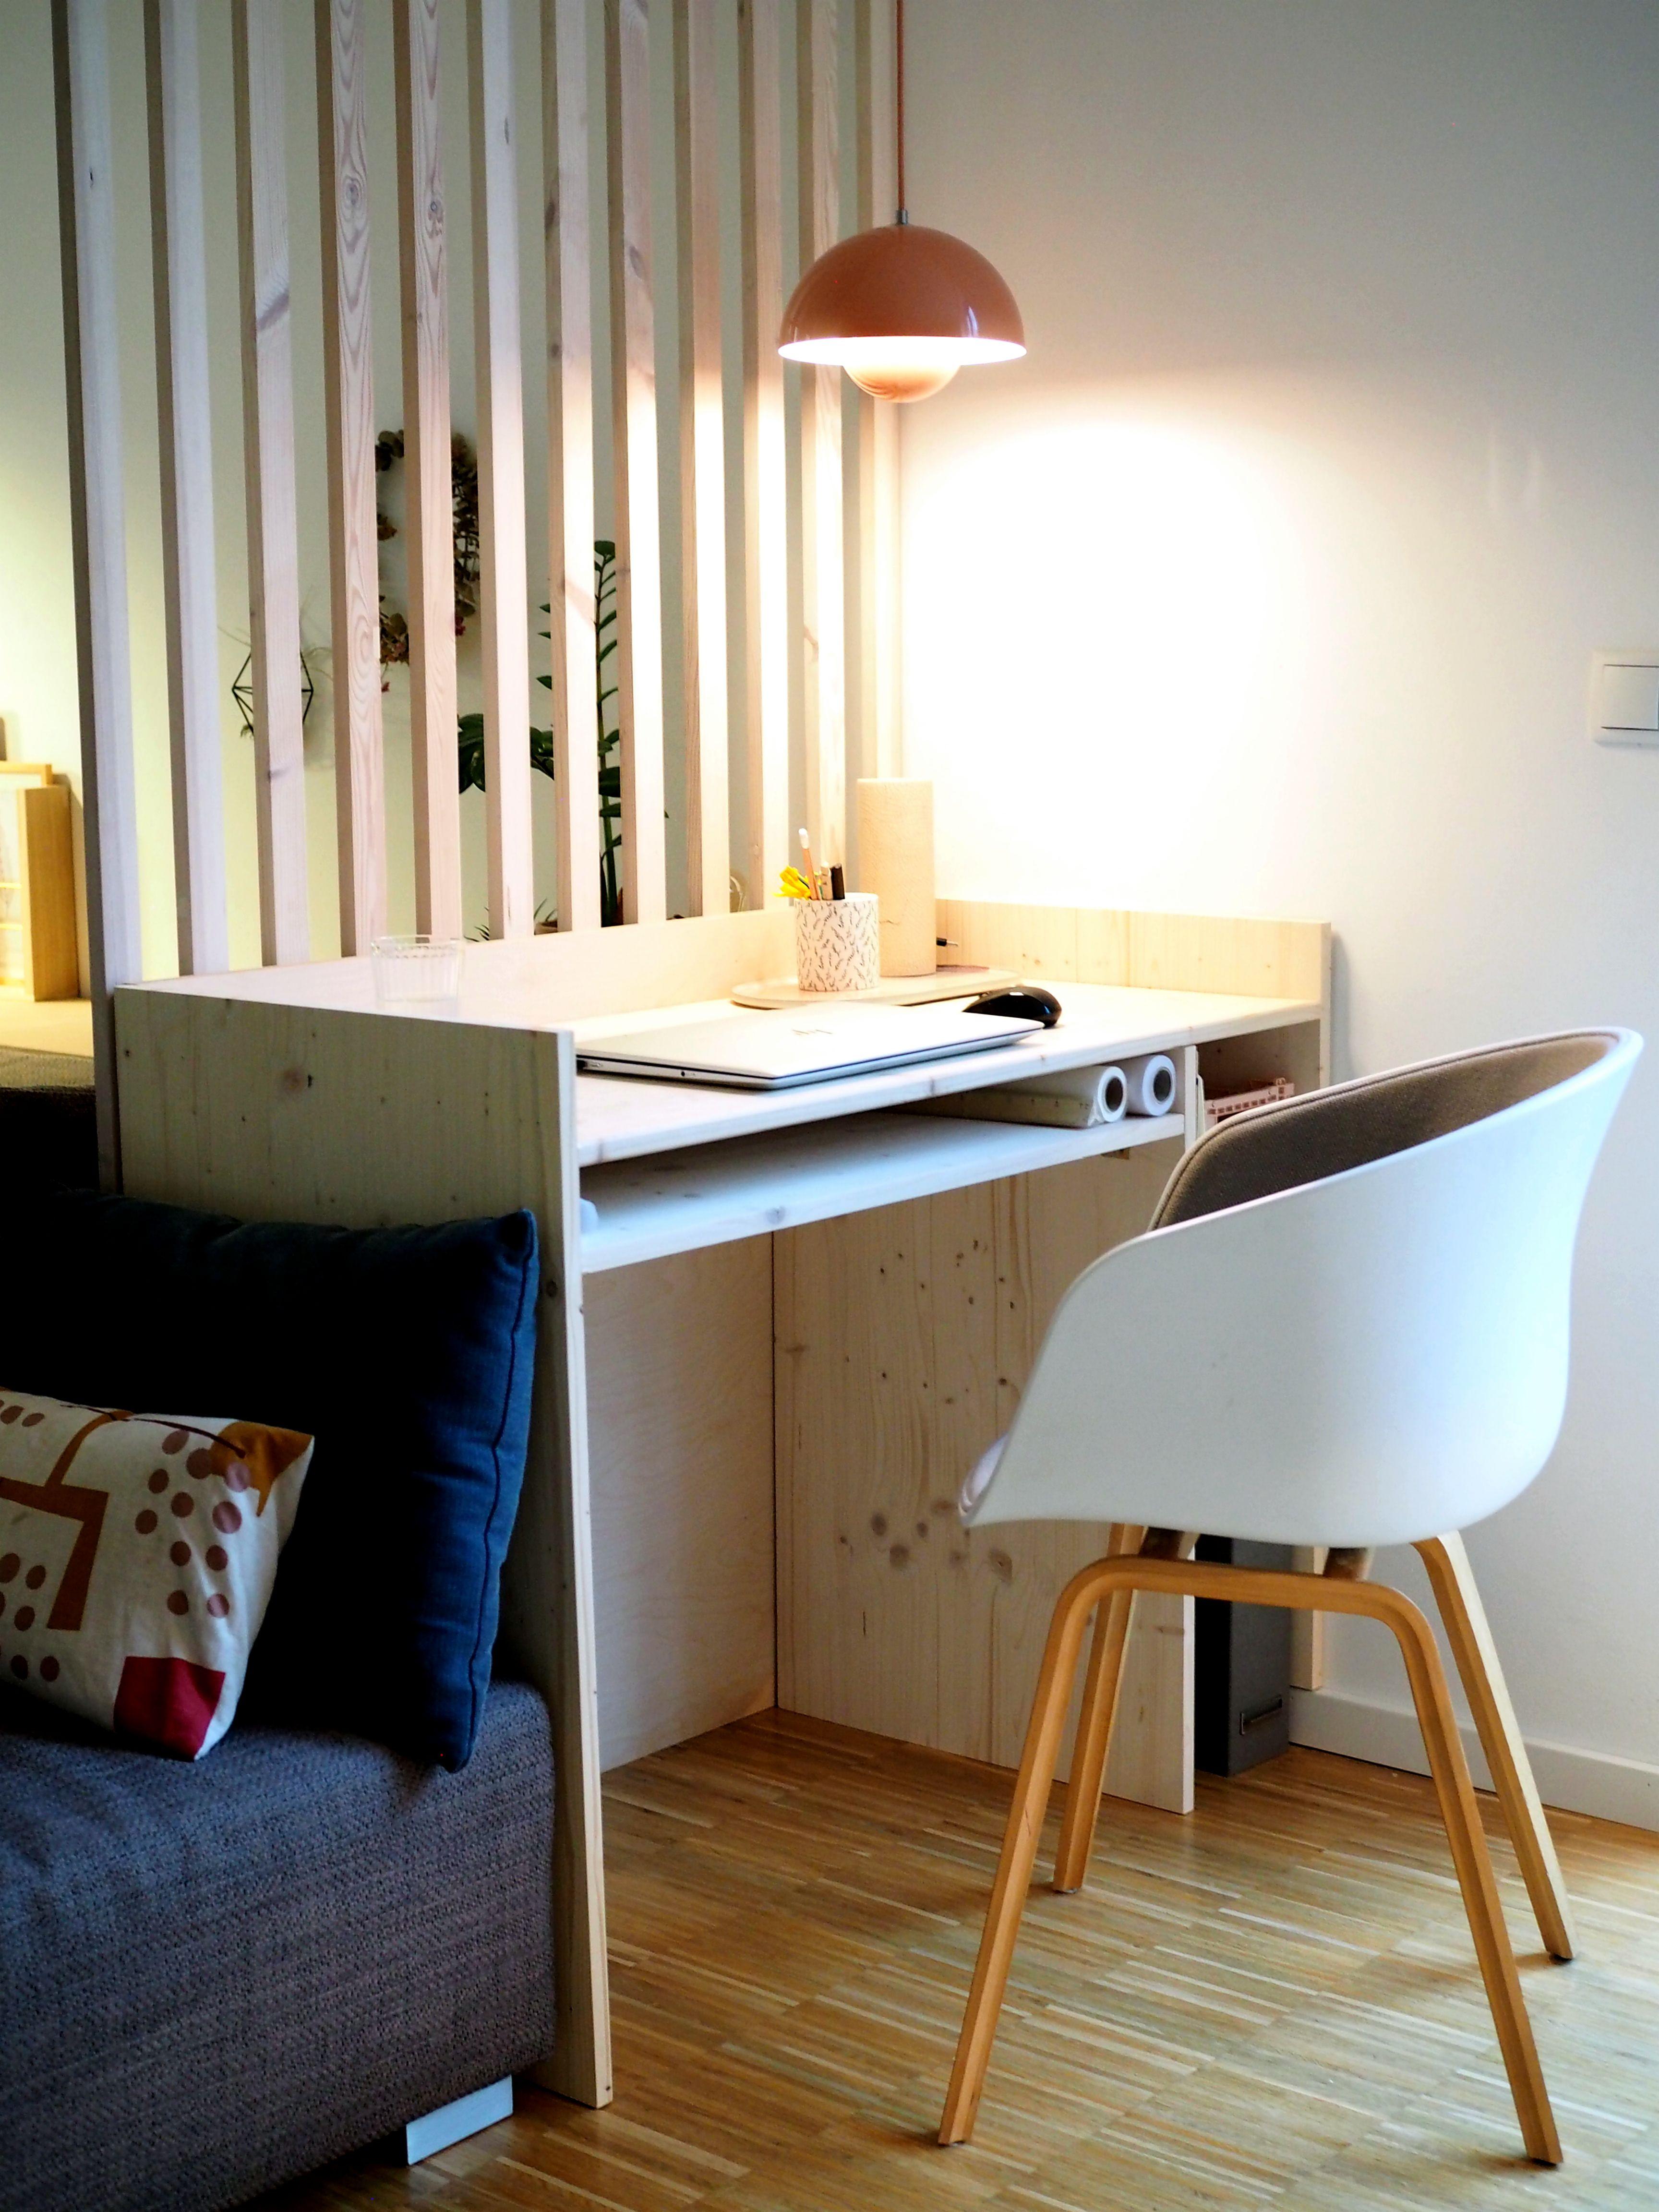 Diy Schreibtisch Im Wohnraum Haus Deko Ideen Furs Zimmer Zimmer Einrichten